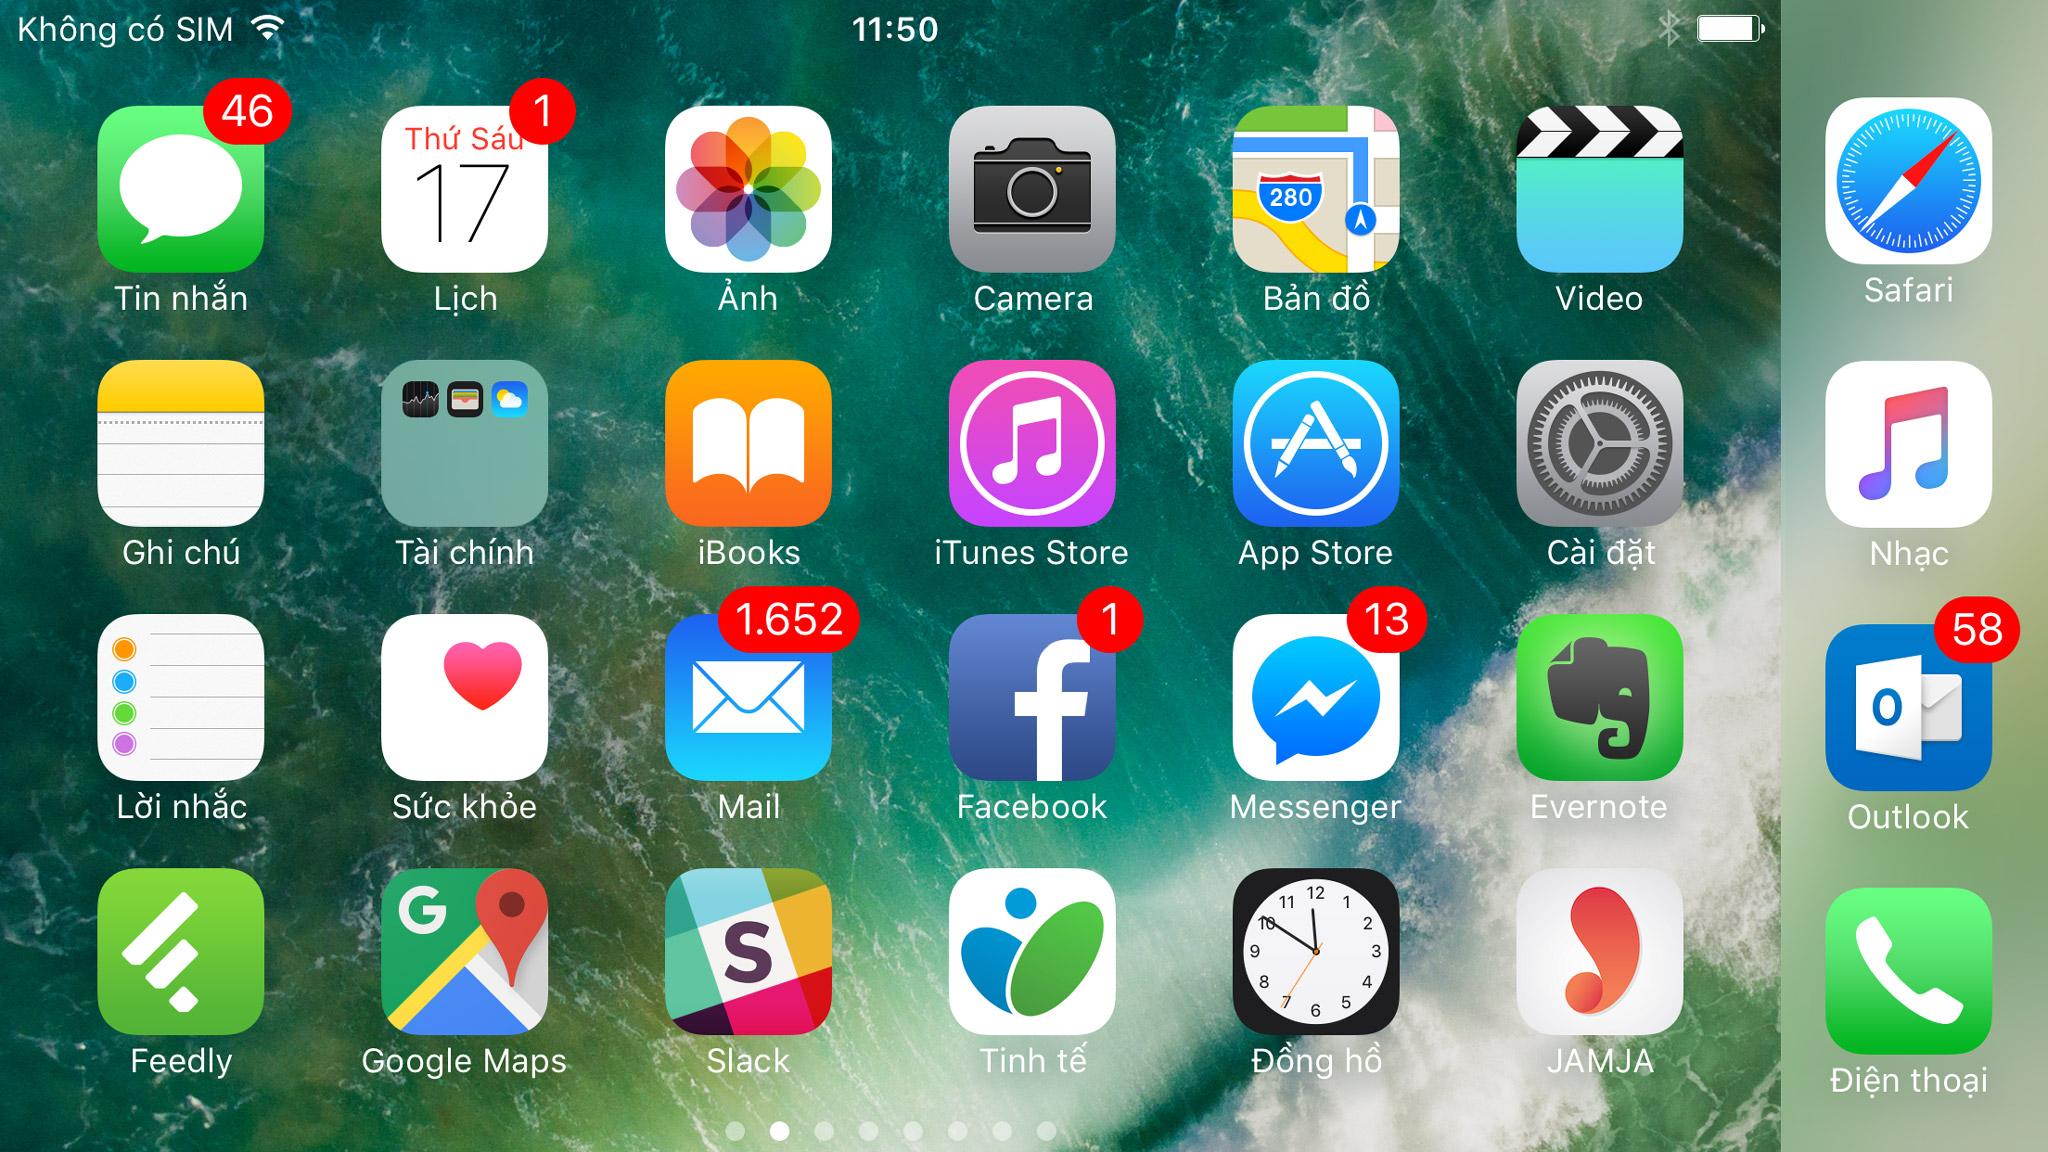 Tat_bot_app_iOS.jpg